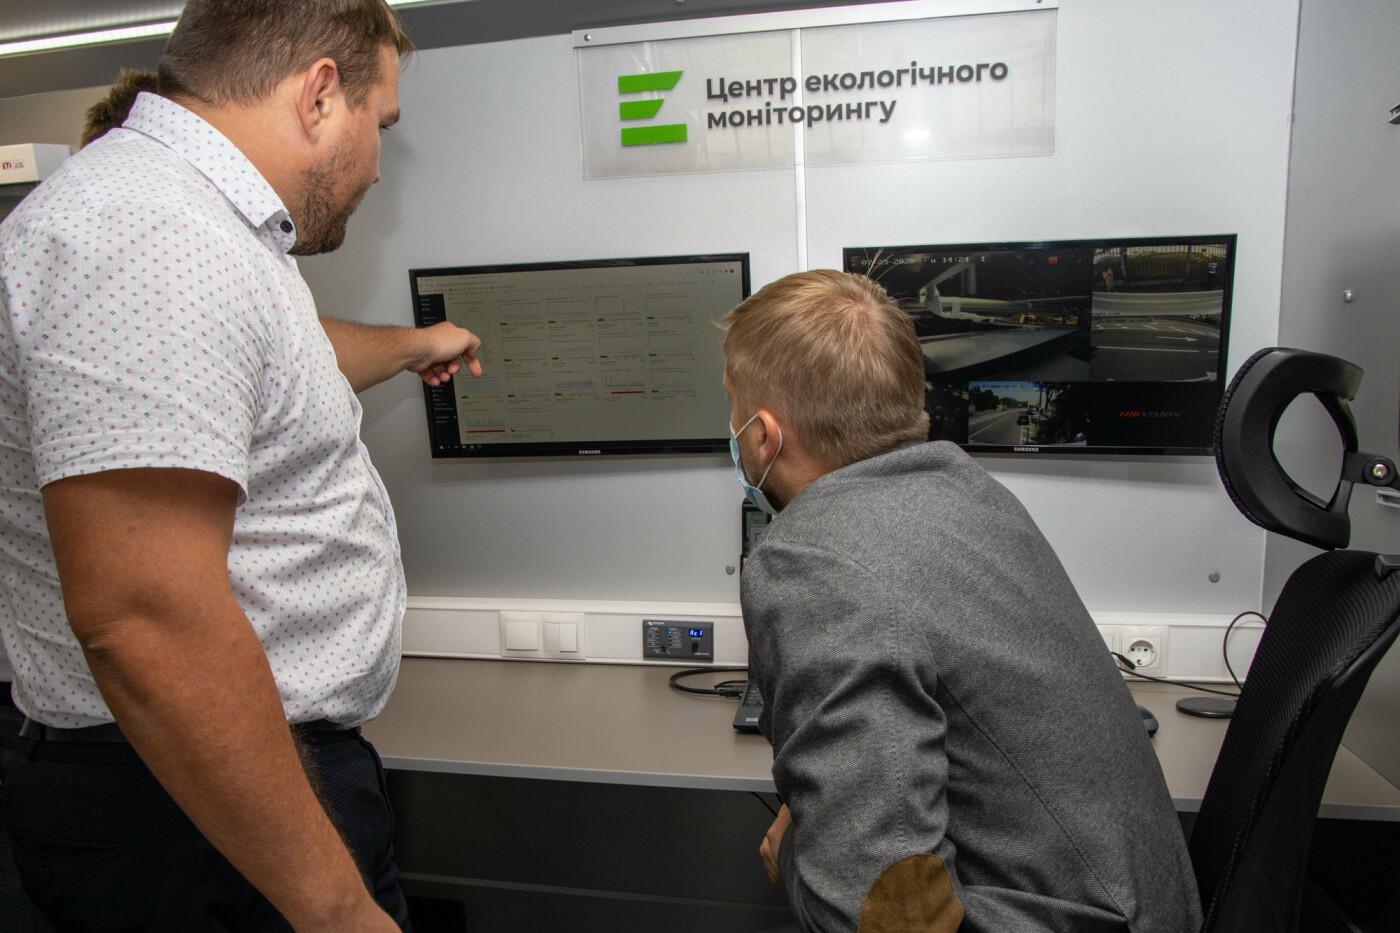 На Днепропетровщине начала работу первая в Украине референтная мобильная станция мониторинга воздуха, - ФОТО, фото-9